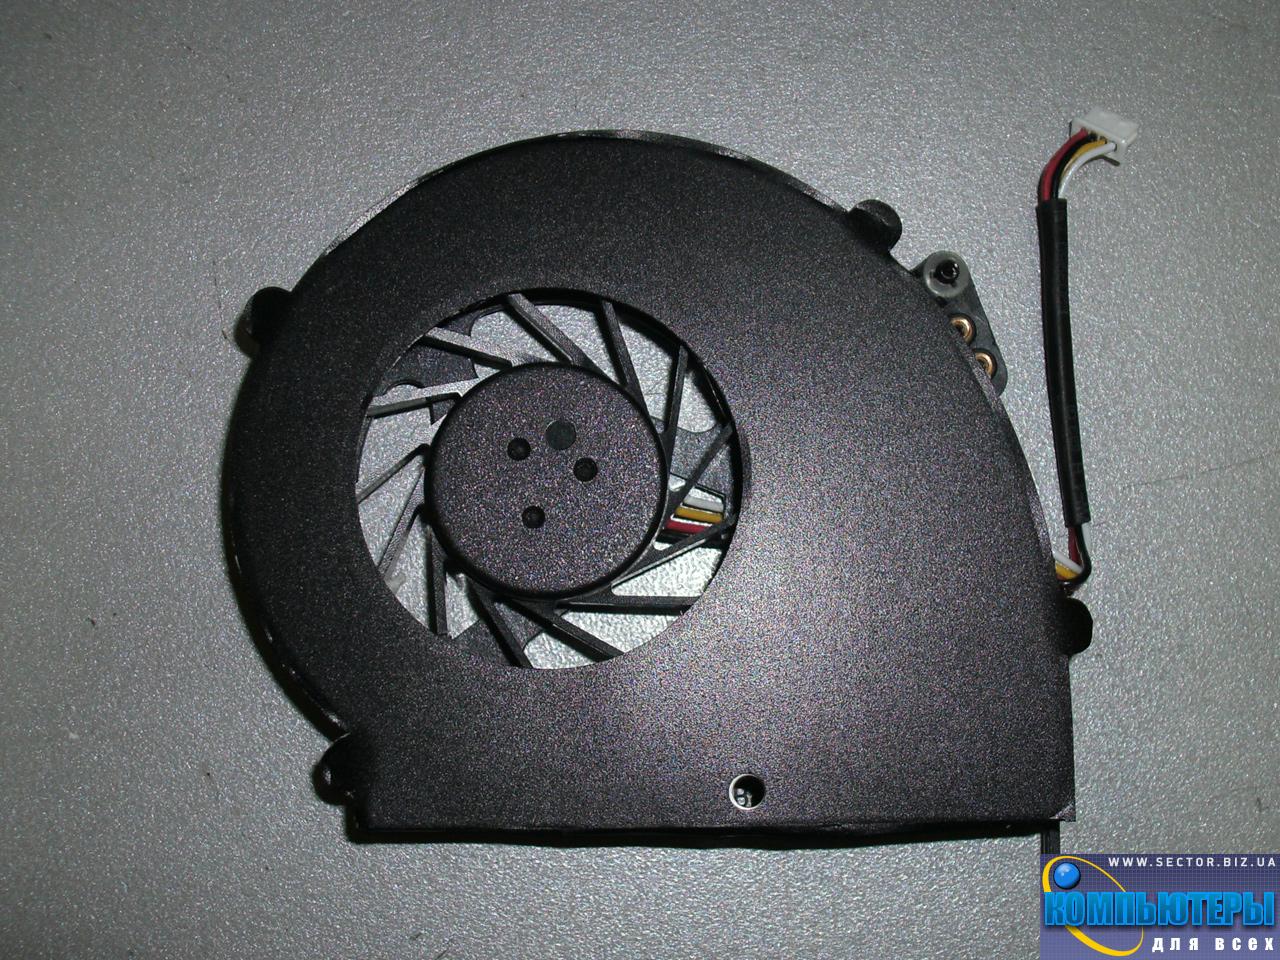 Кулер к ноутбуку Emachines E528 E728 p/n: AB0805HX-TBB (CWZR6). Фото № 3.